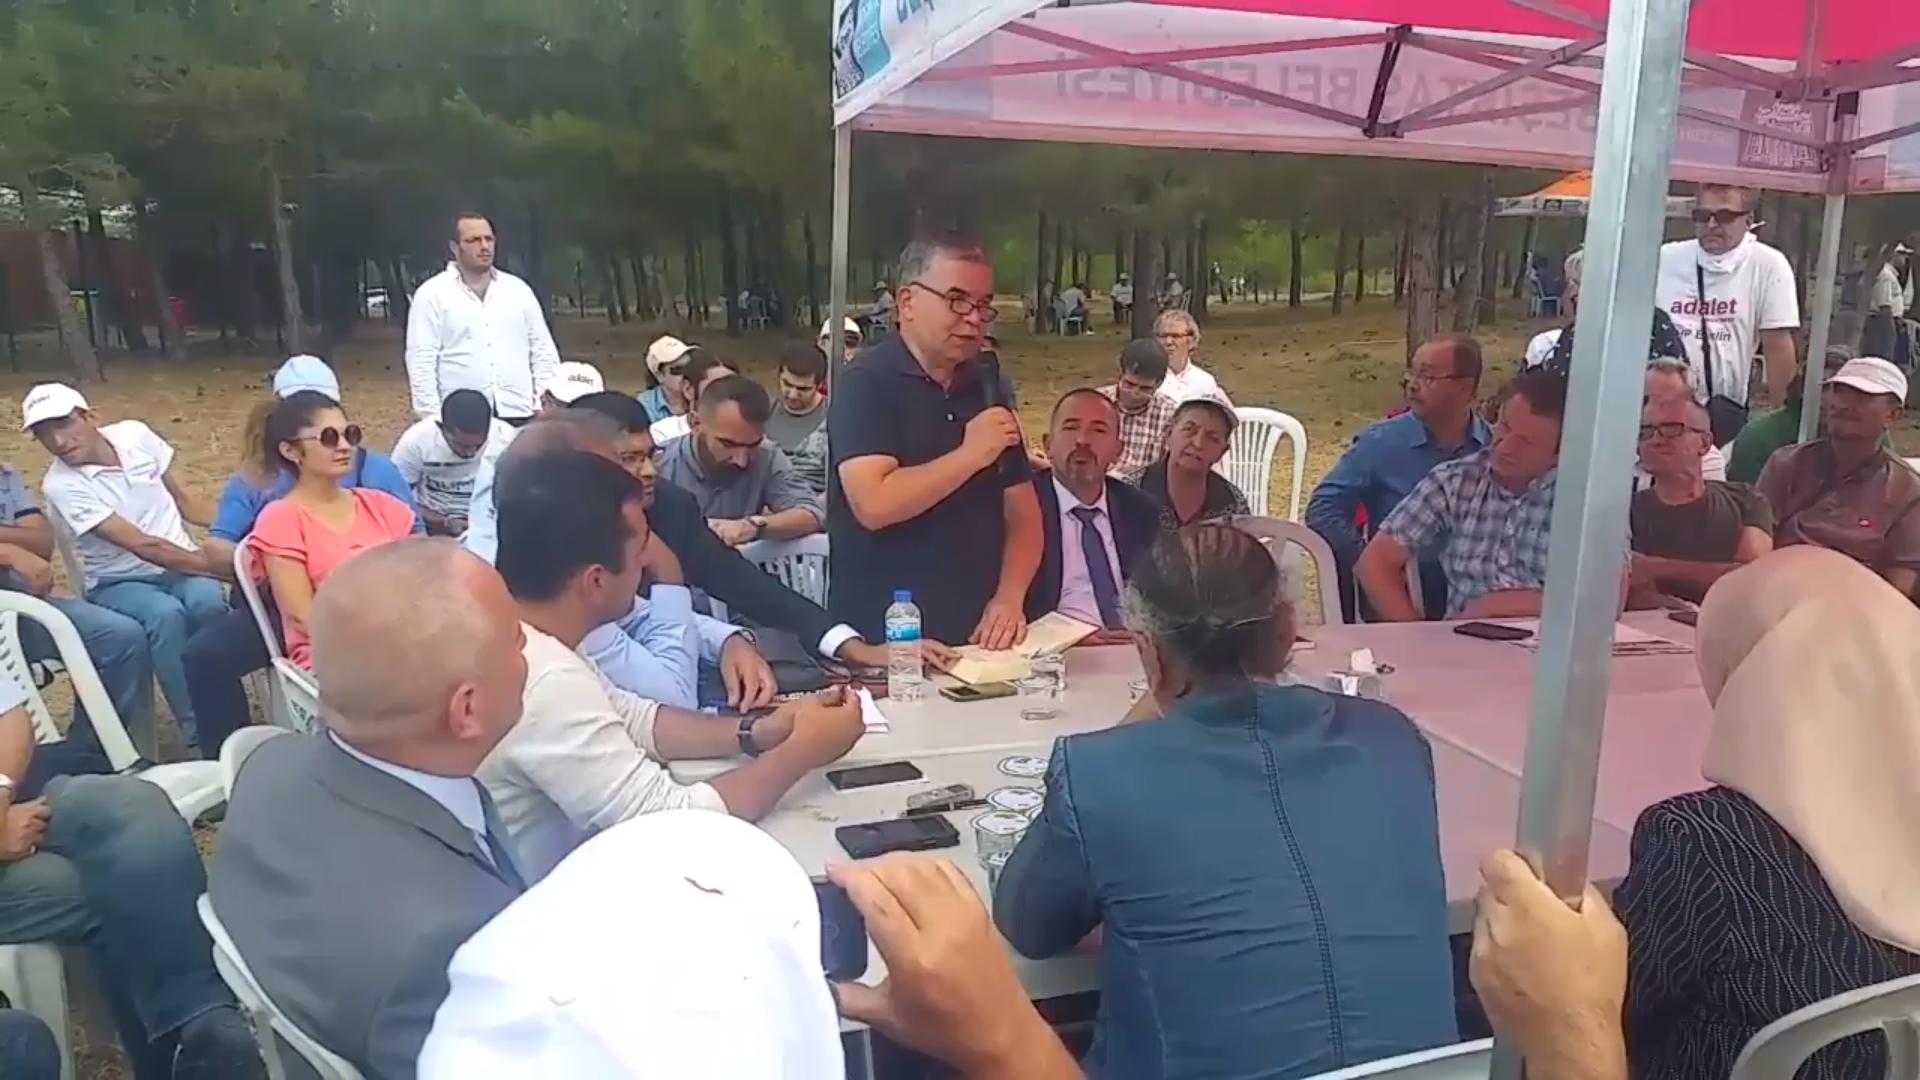 CHP'nin Adalet Kurultayı'nda Said Nursi risaleleleri okundu